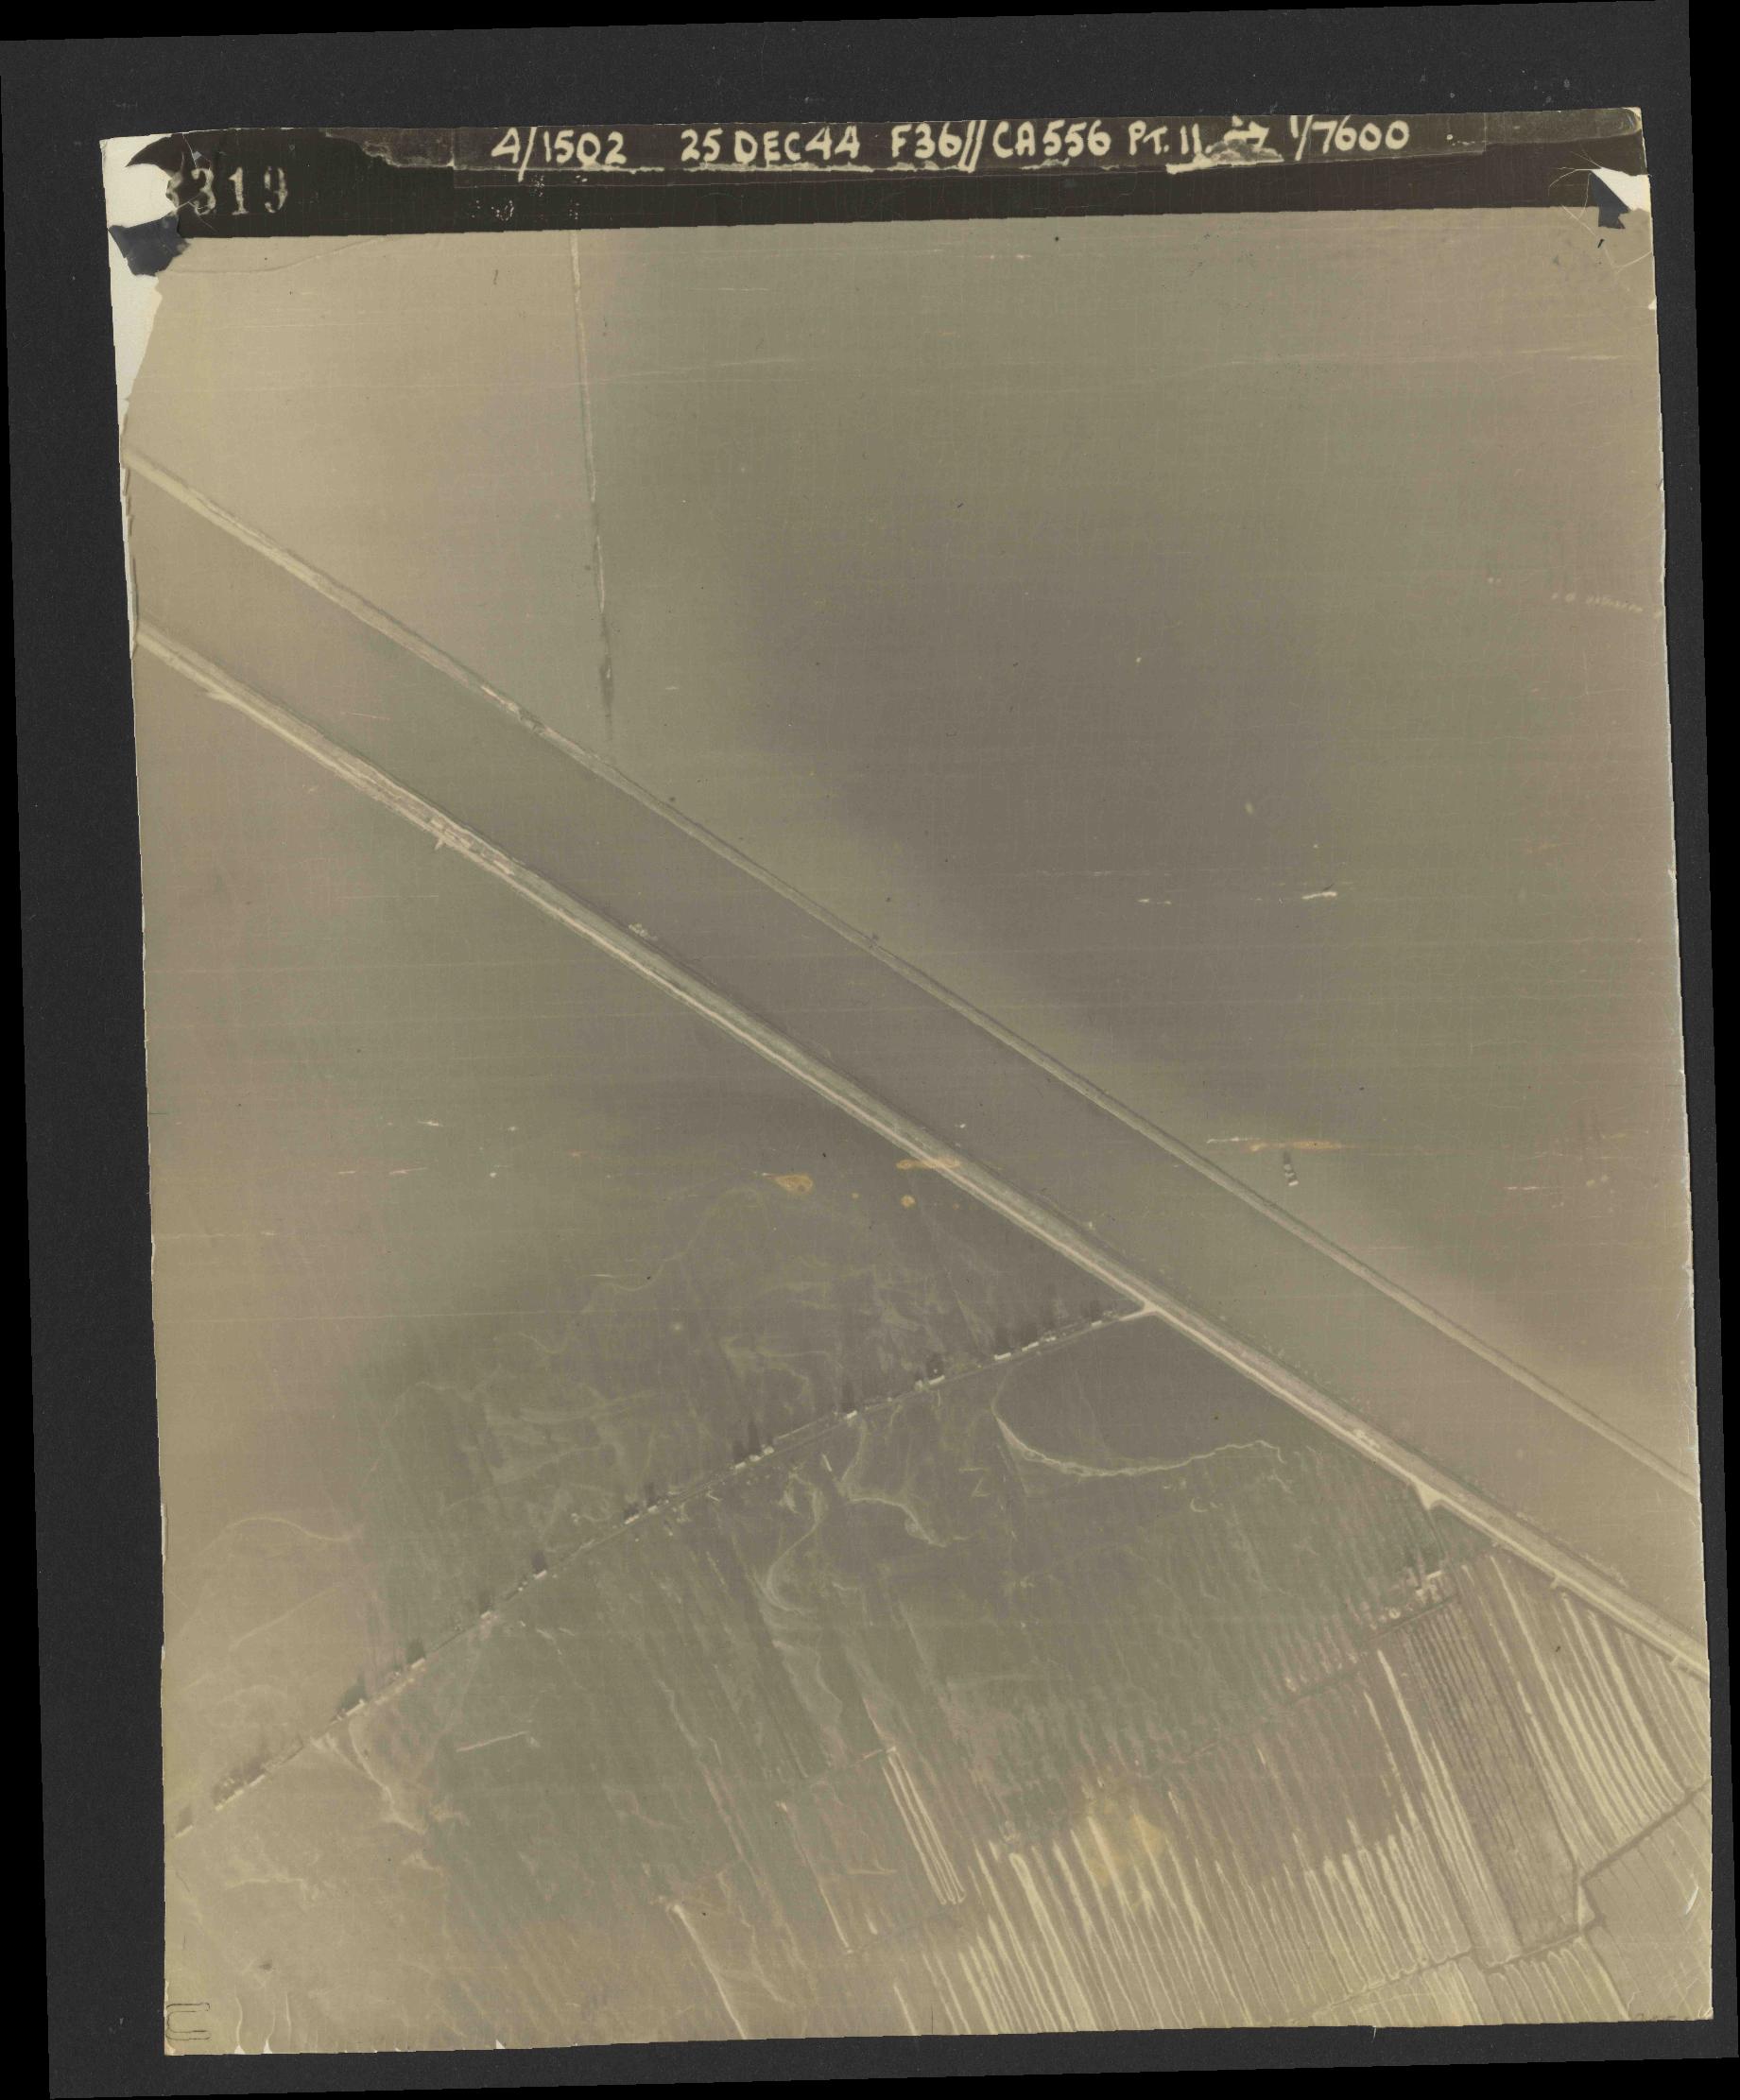 Collection RAF aerial photos 1940-1945 - flight 306, run 10, photo 3319